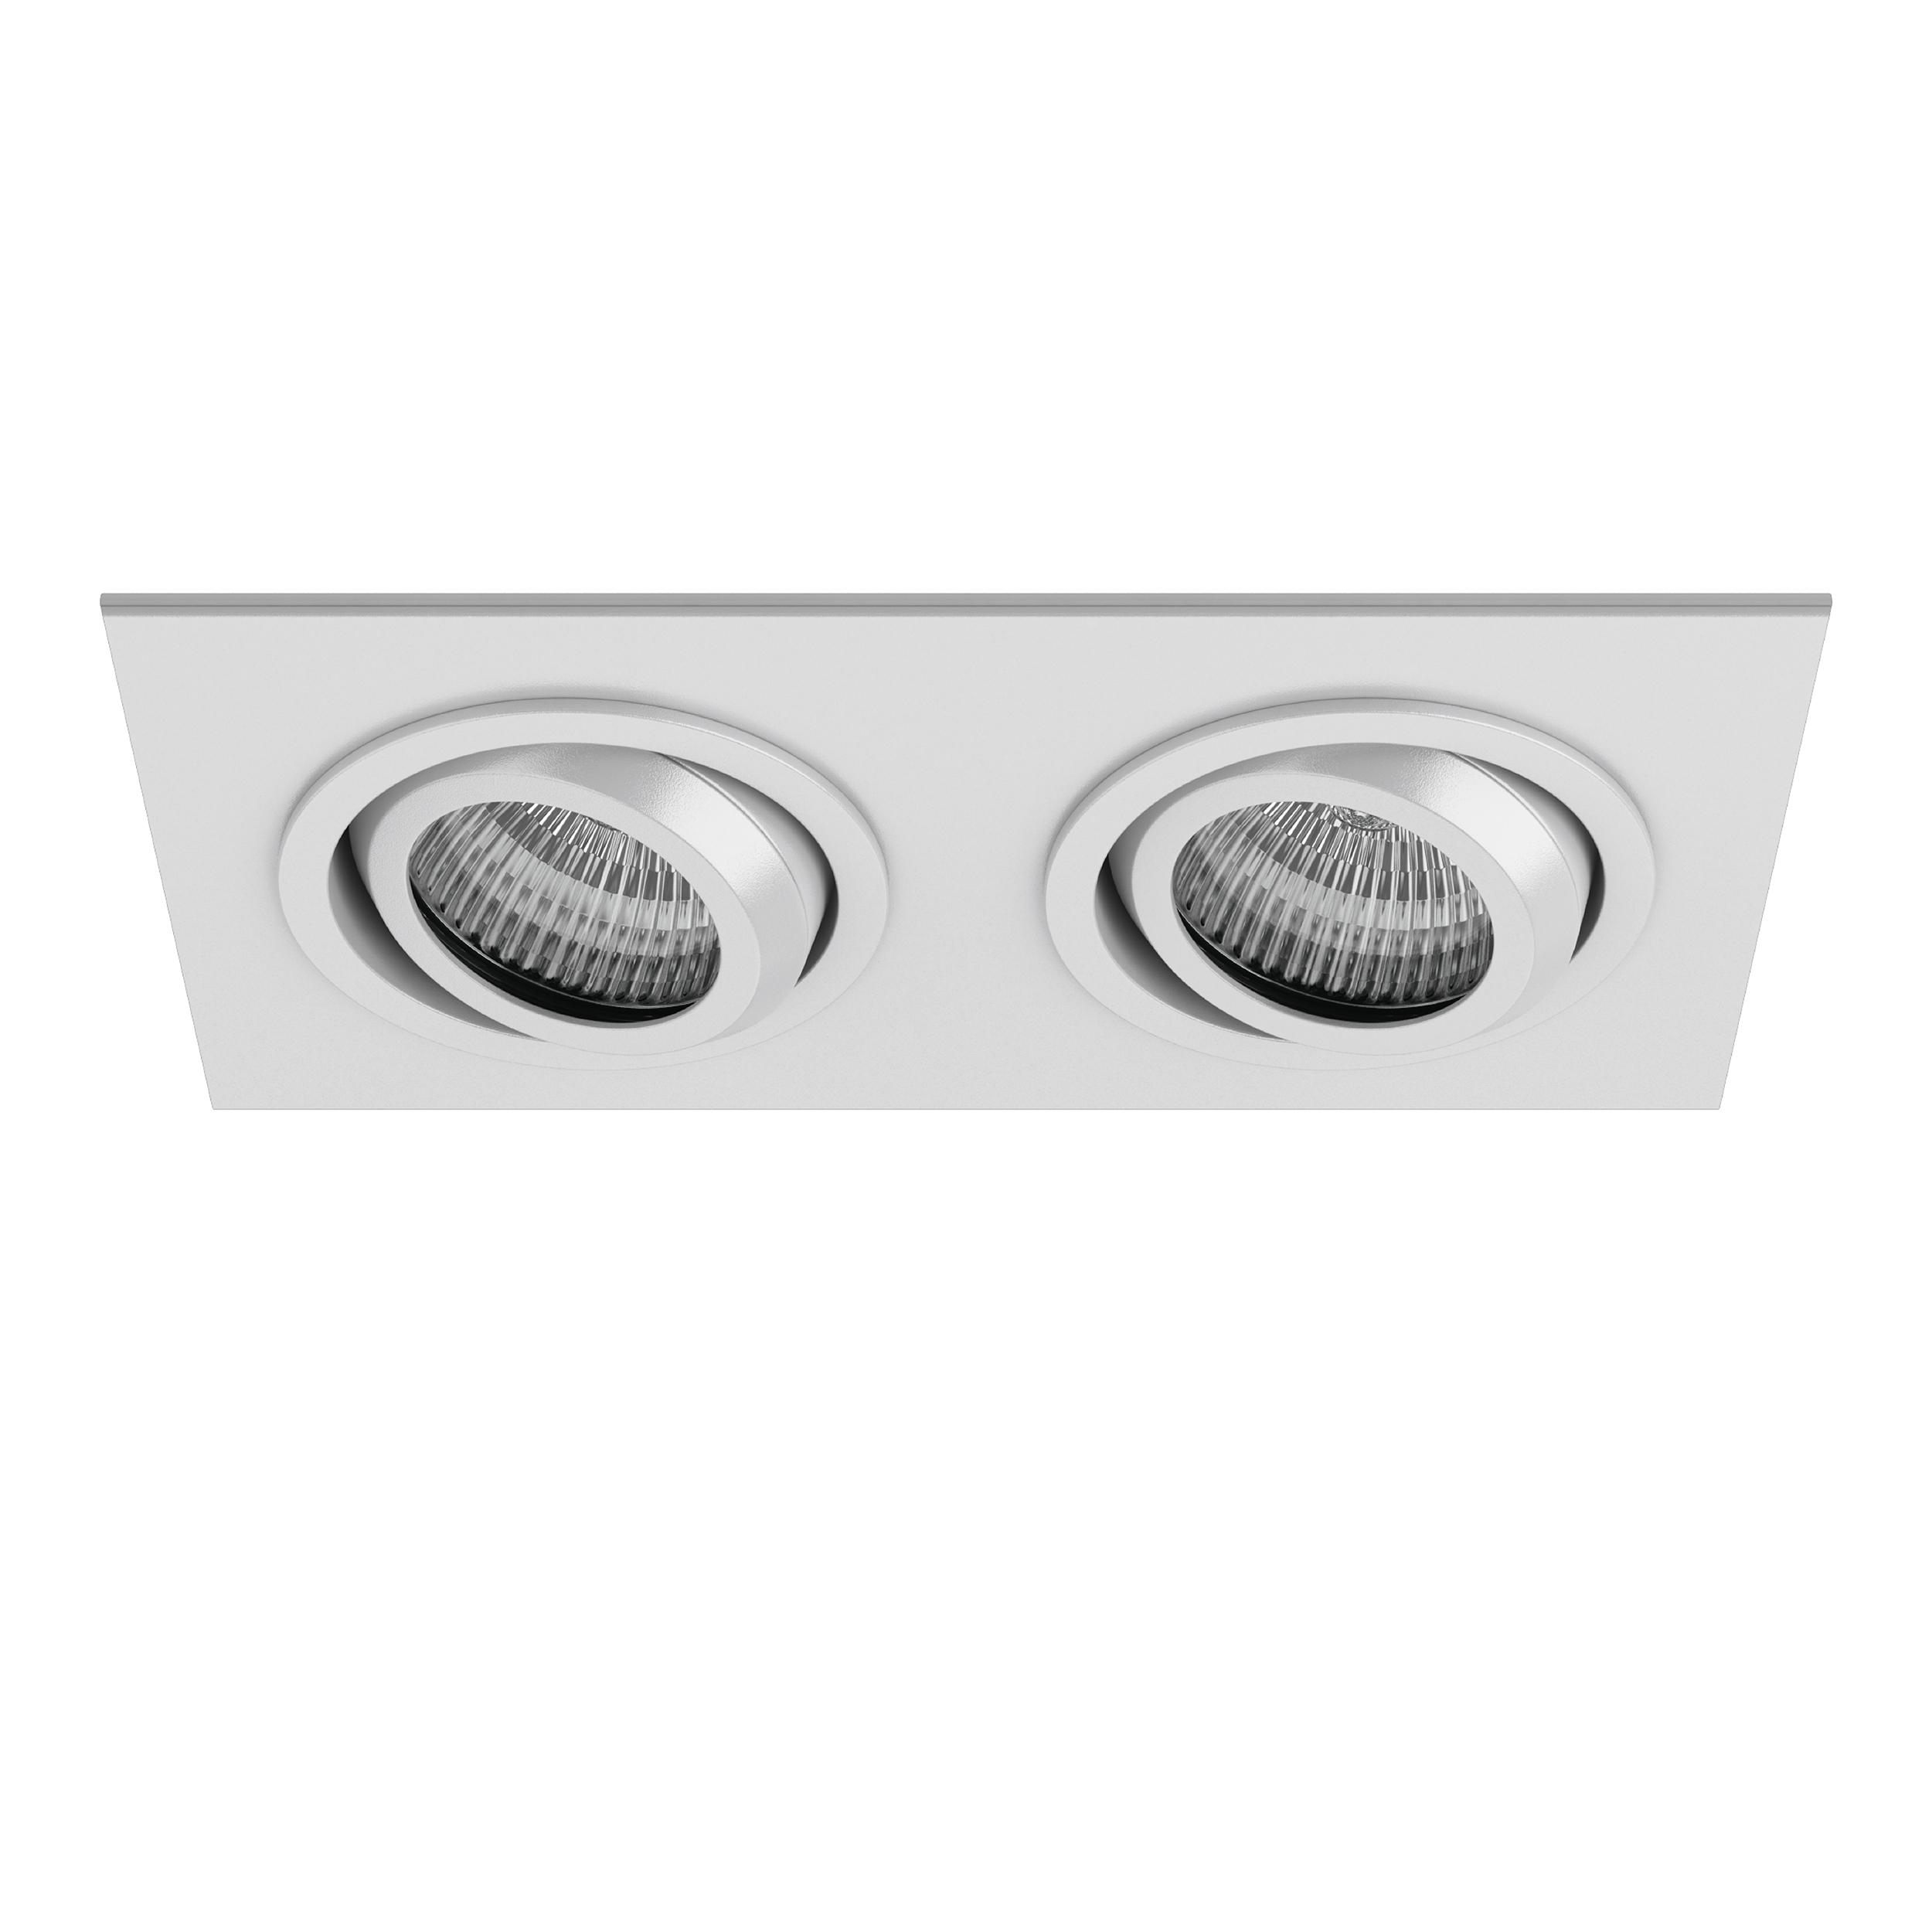 Встраиваемый светильник Lightstar Singo 011612, 1xGU5.3x50W, белый, металл - фото 1